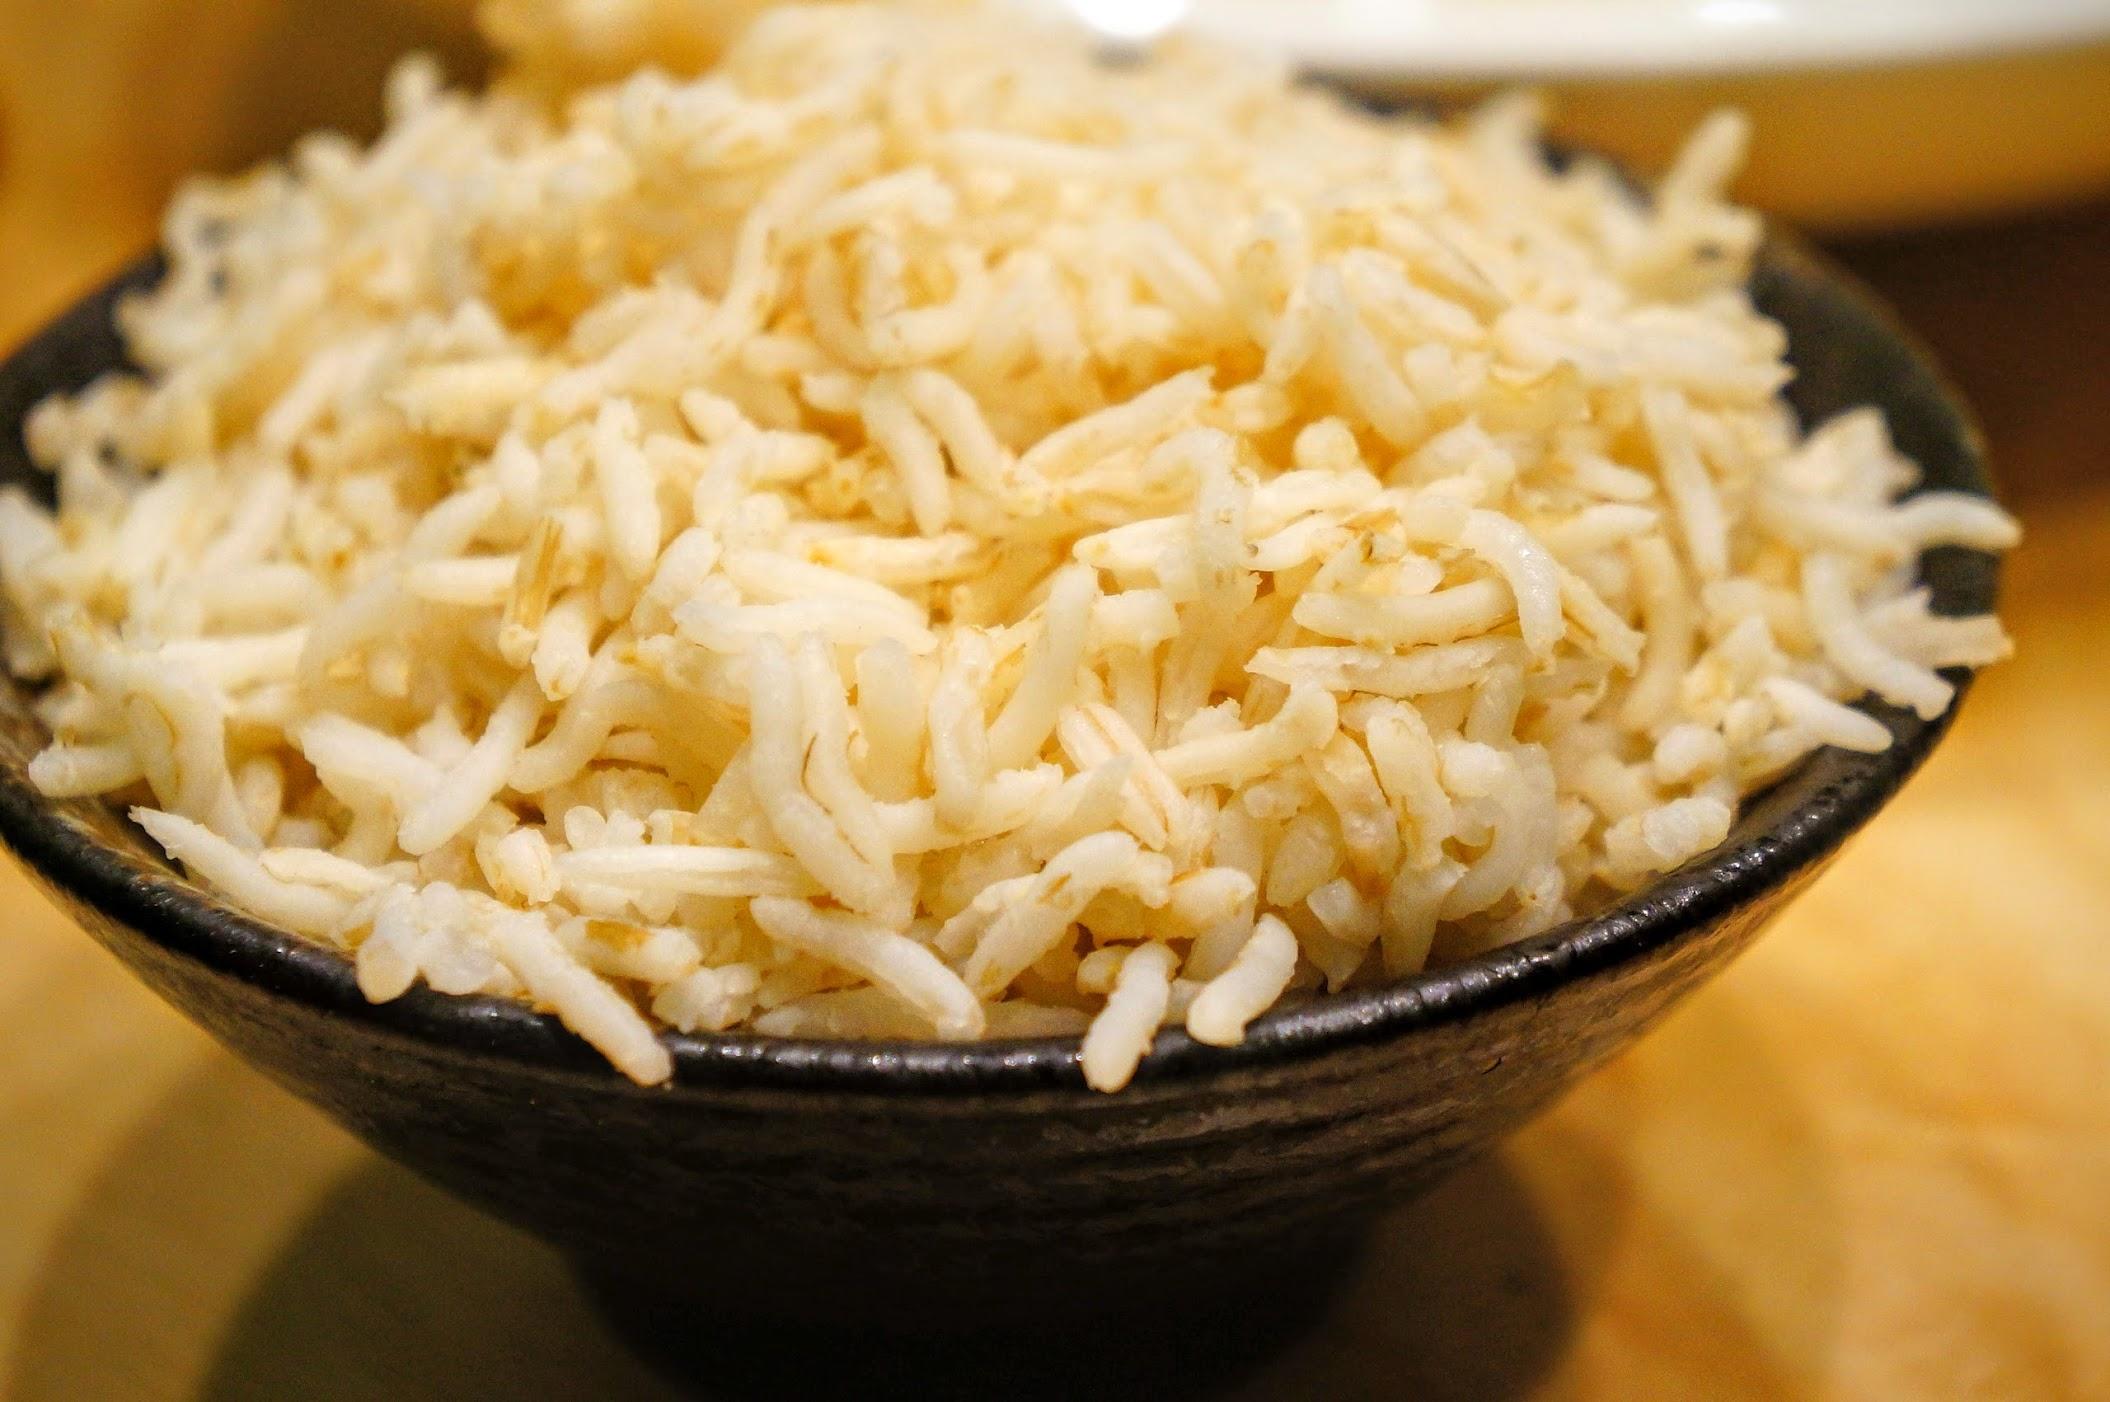 印度米? 一顆顆粒粒分明,而非台灣/日本米那種黏度,吃起來頗像米線那種..